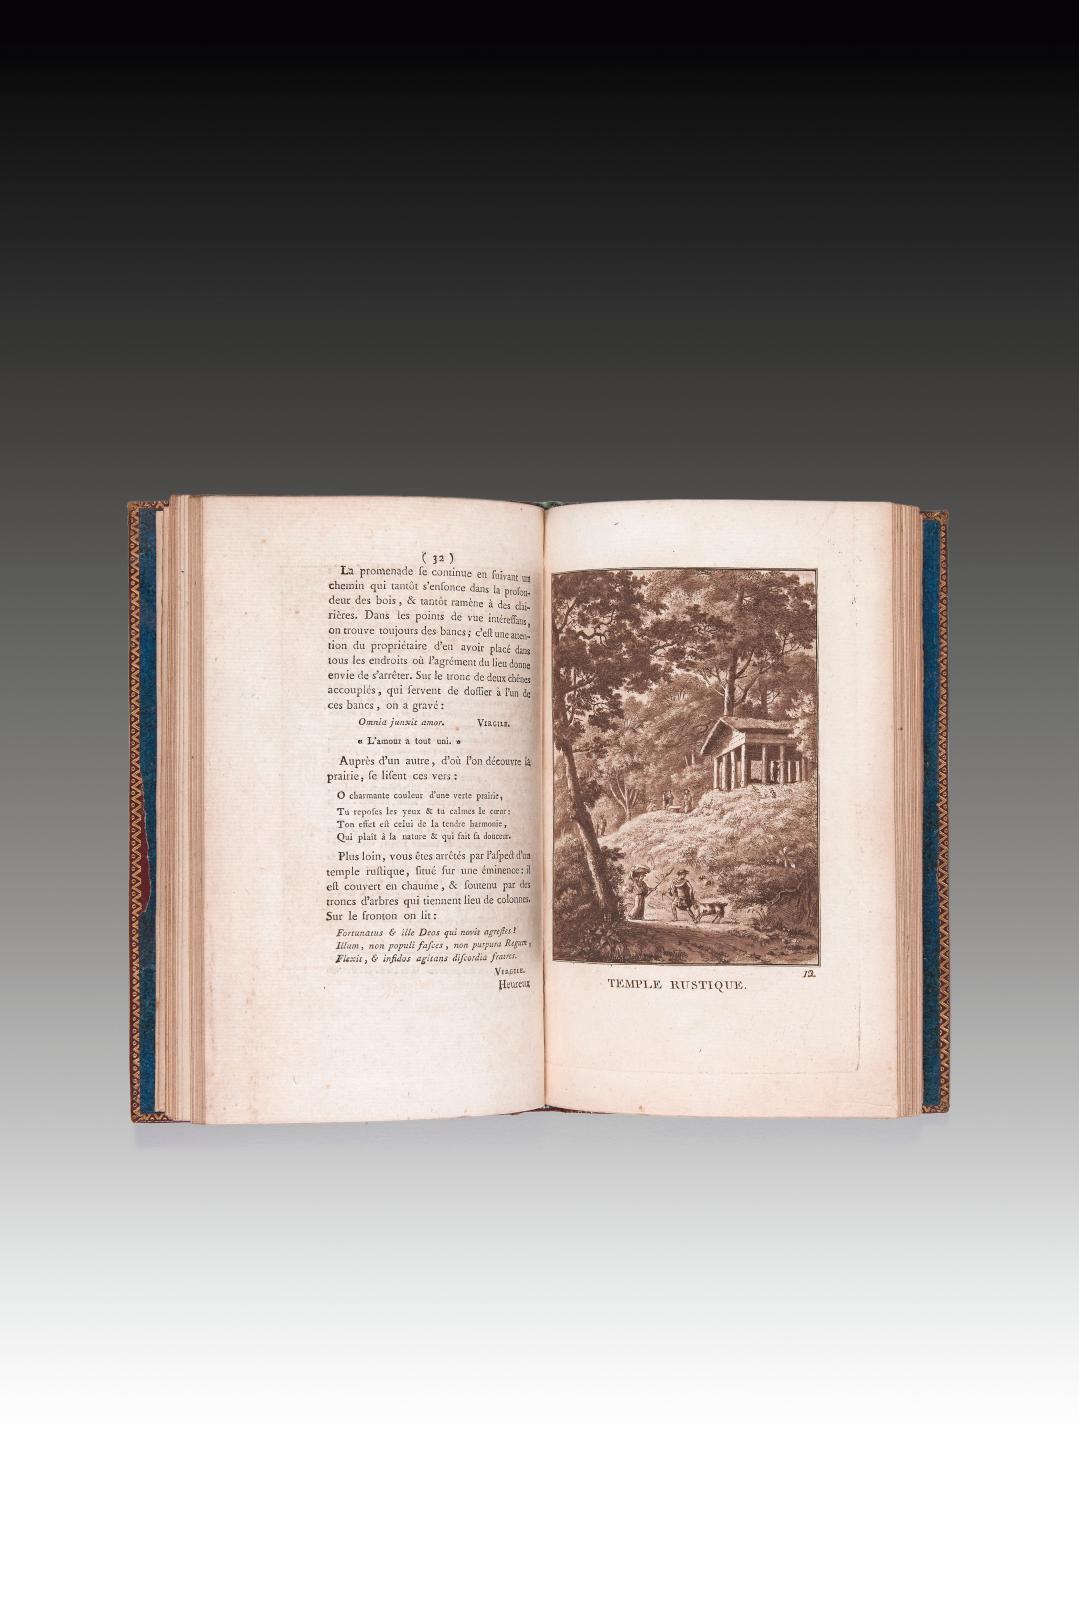 Stanislas Girardin, vicomte d'Ermenonville (1762-1827), Promenade ou Itinéraire des jardins d'Ermenonville,auquel on a joint 25 de leurs